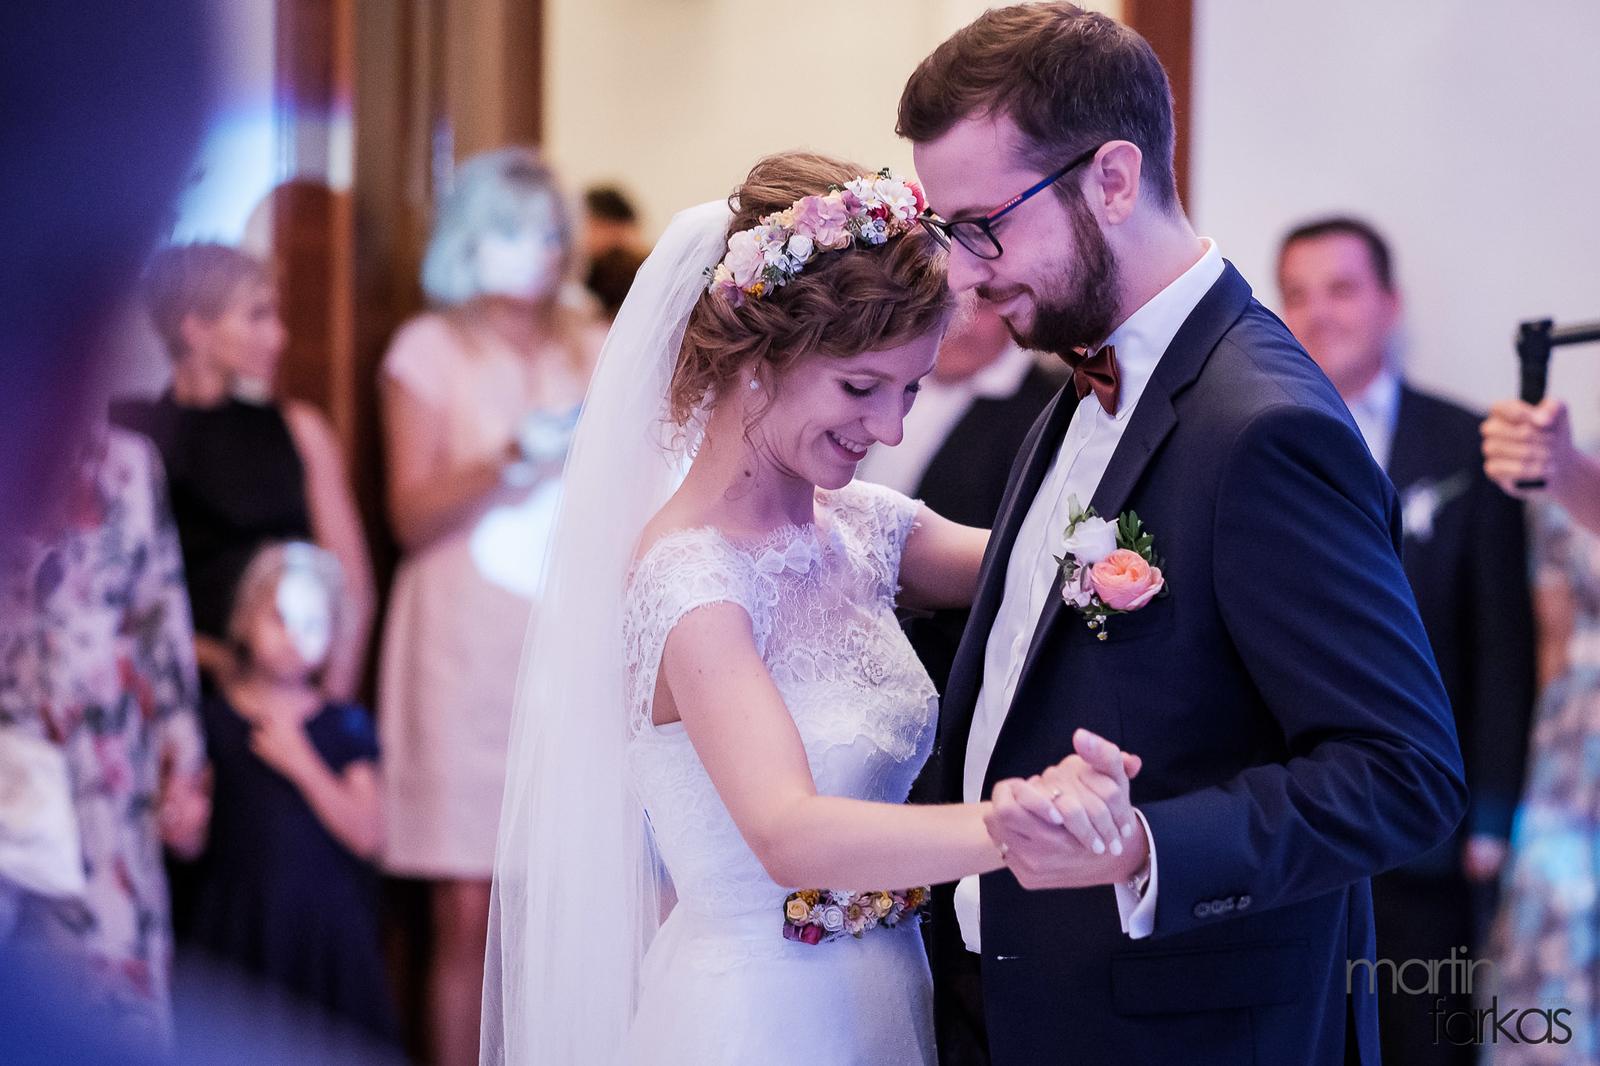 Svadba Smolenice, Zámok 01 #svadobnyDJ, #djanasvadbu, #svadba, #svadbasmolenice, #zamoksmolenice